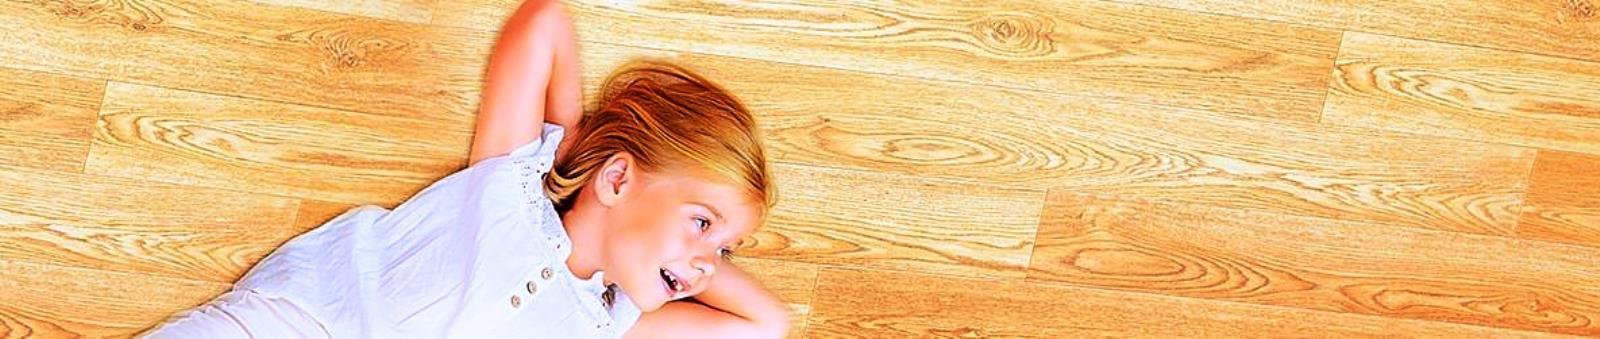 Сегодня поговорим о таком варианте покрытия пола, как паркет, впитавший в себя не только многолетние традиции и историю, но и самые передовые достижения в области лакокрасочных покрытий и прочих химических веществ, призванных сделать конструкцию еще более привлекательной внешне и прочной - внутренне.